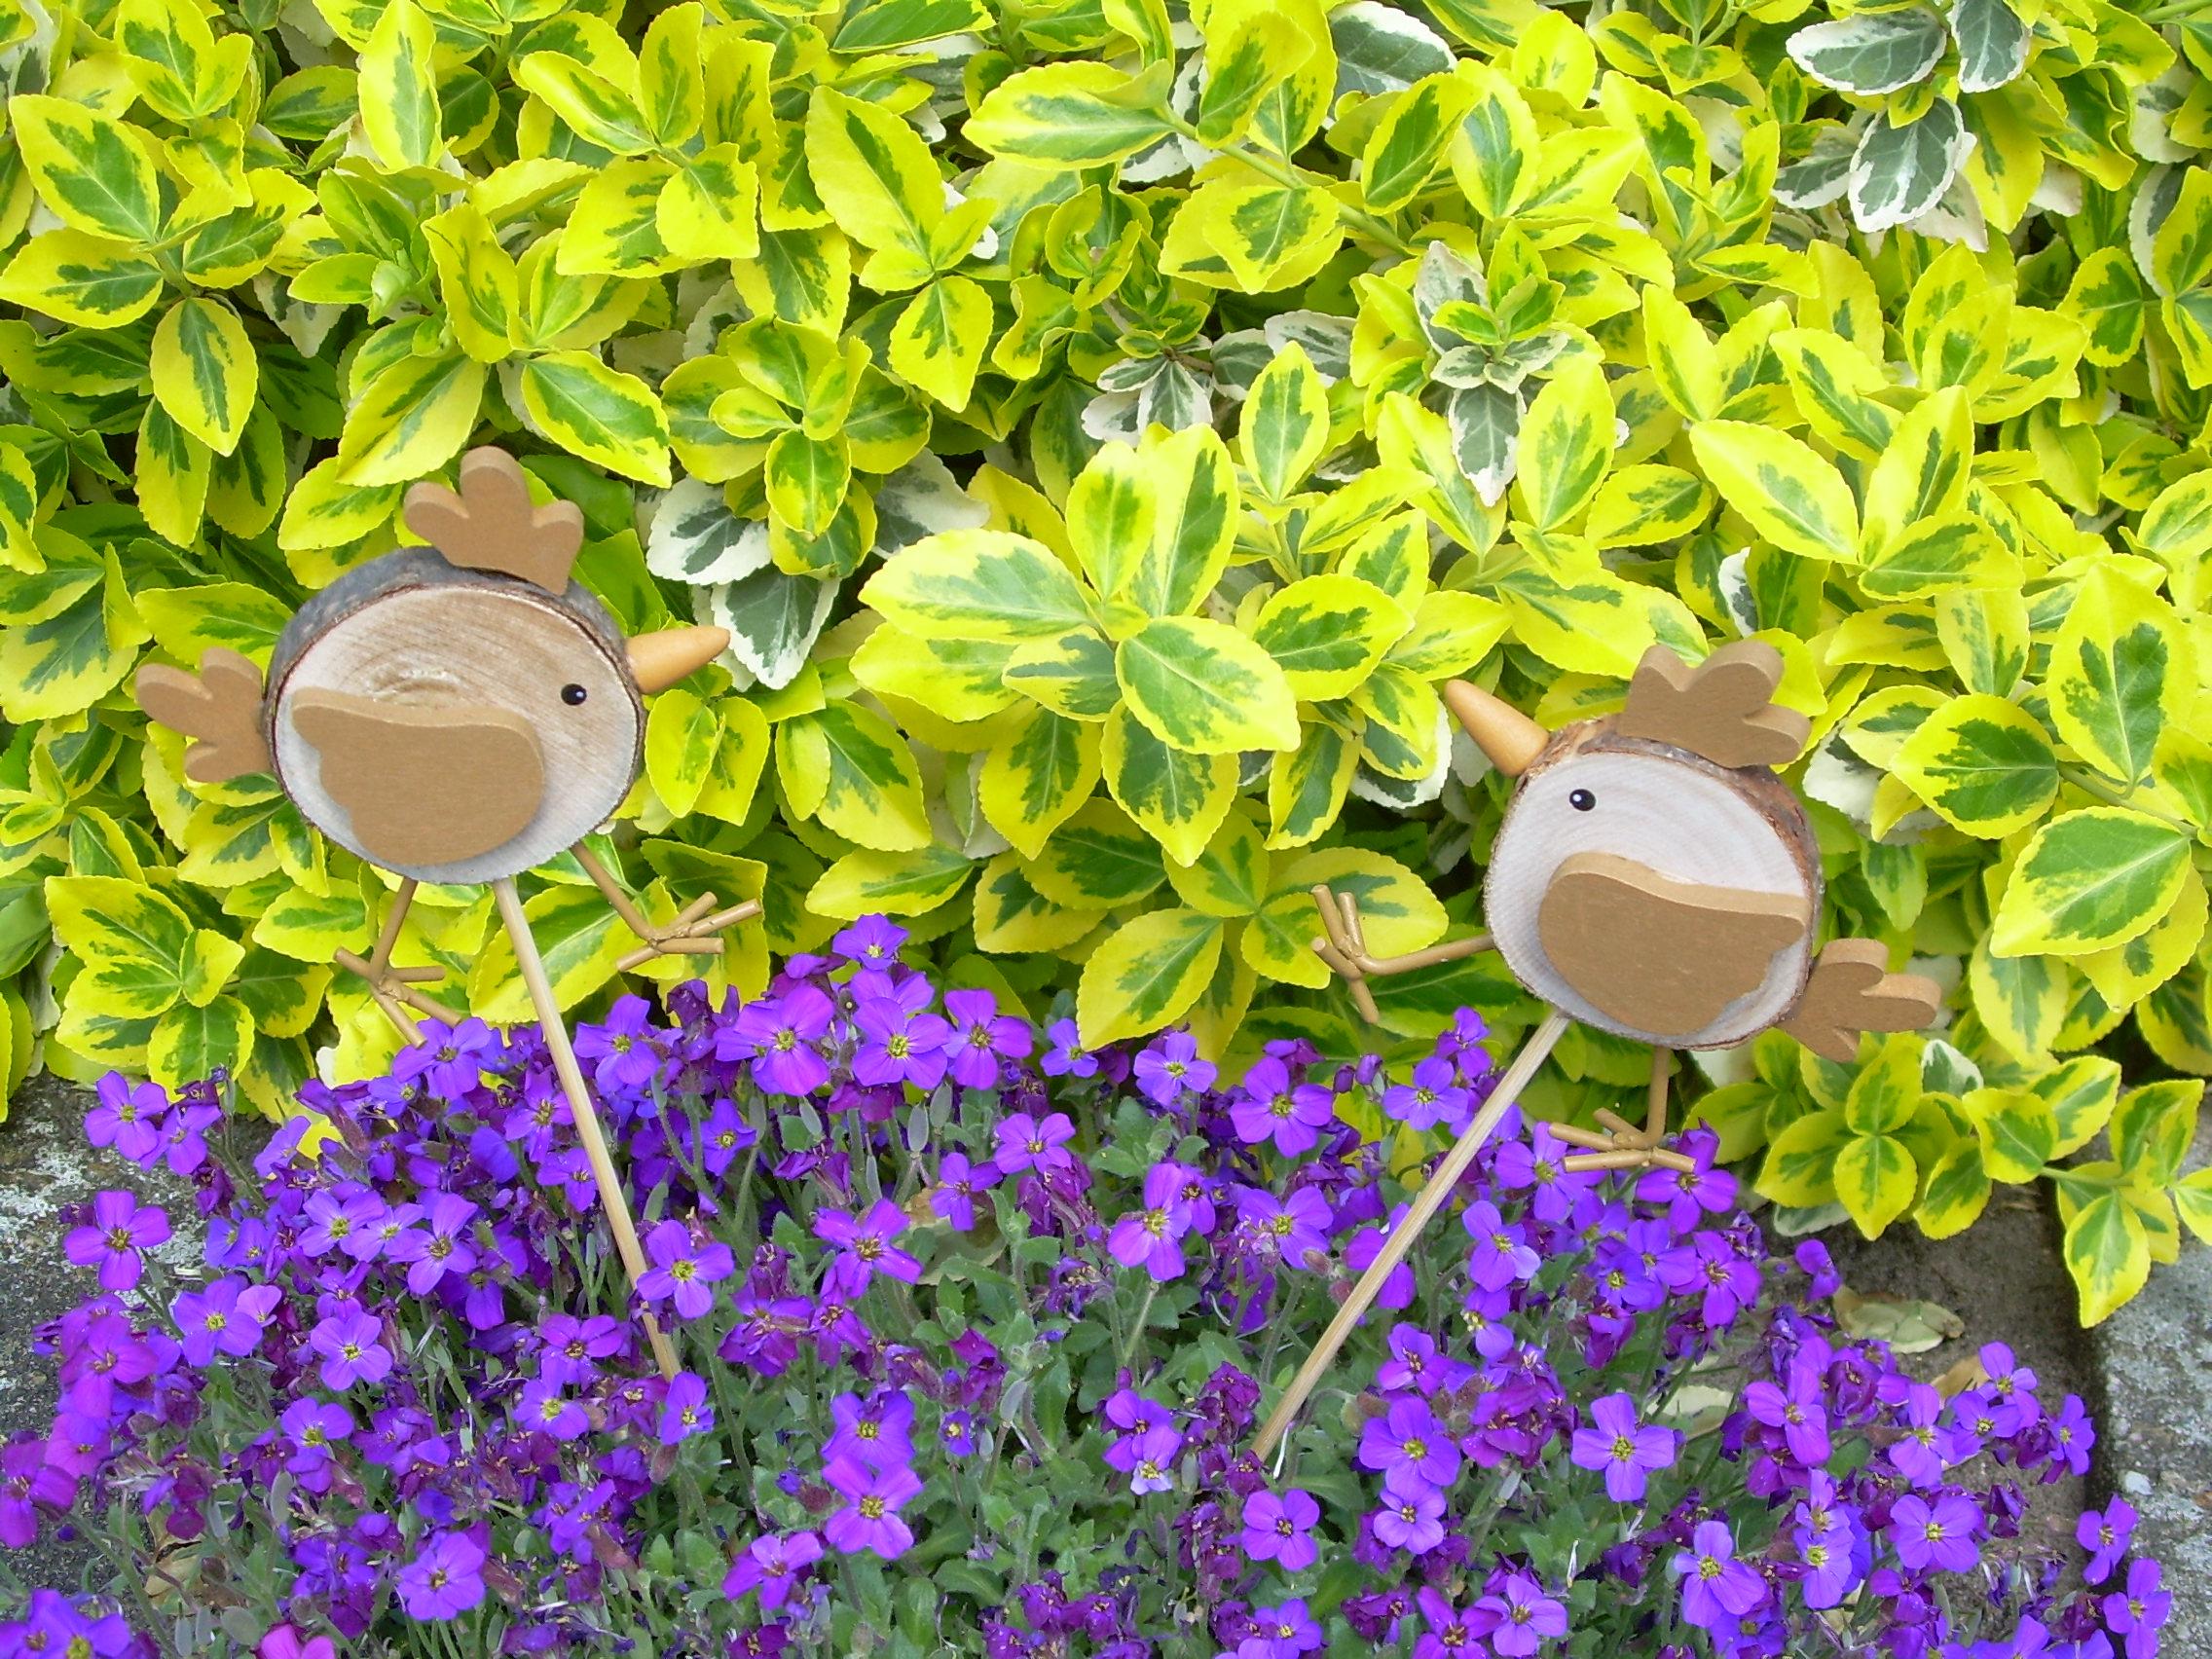 Dekostecker vogel originelle deko geschenke for Deko geschenke shop